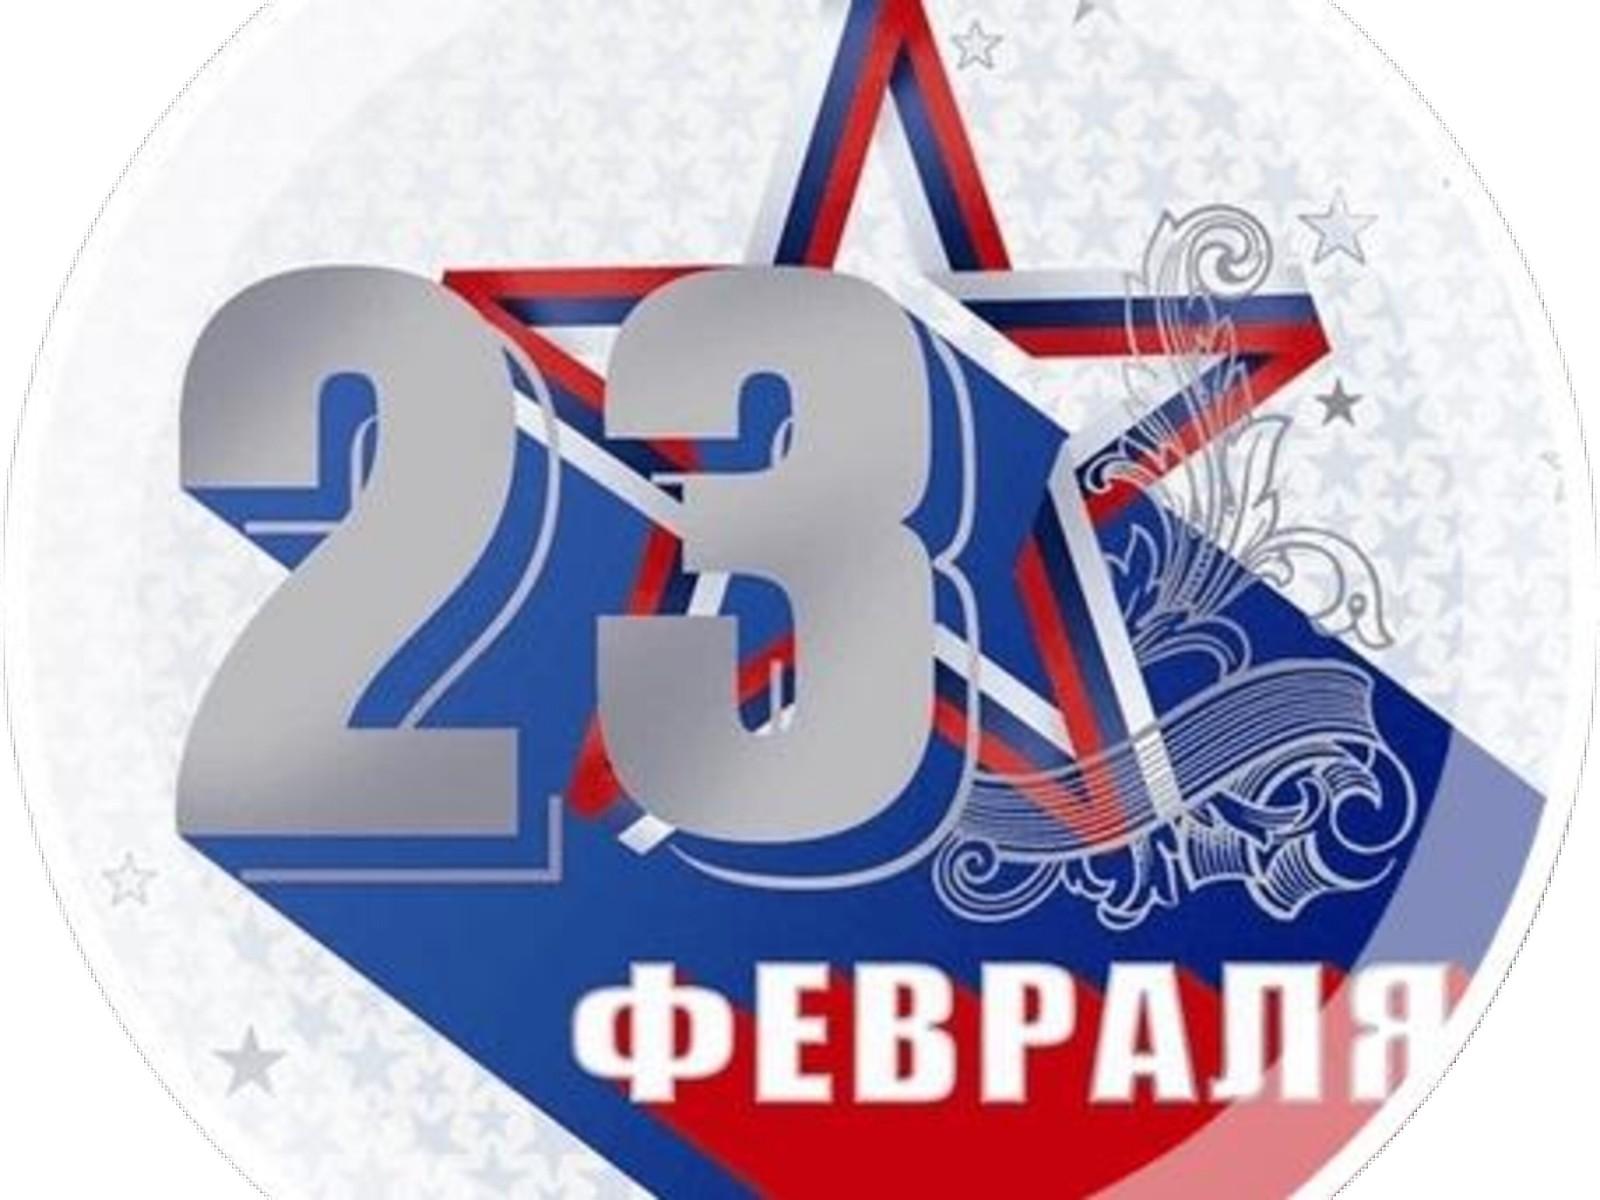 23-¦¦TАTГ¦¬¦¬¦-6-0